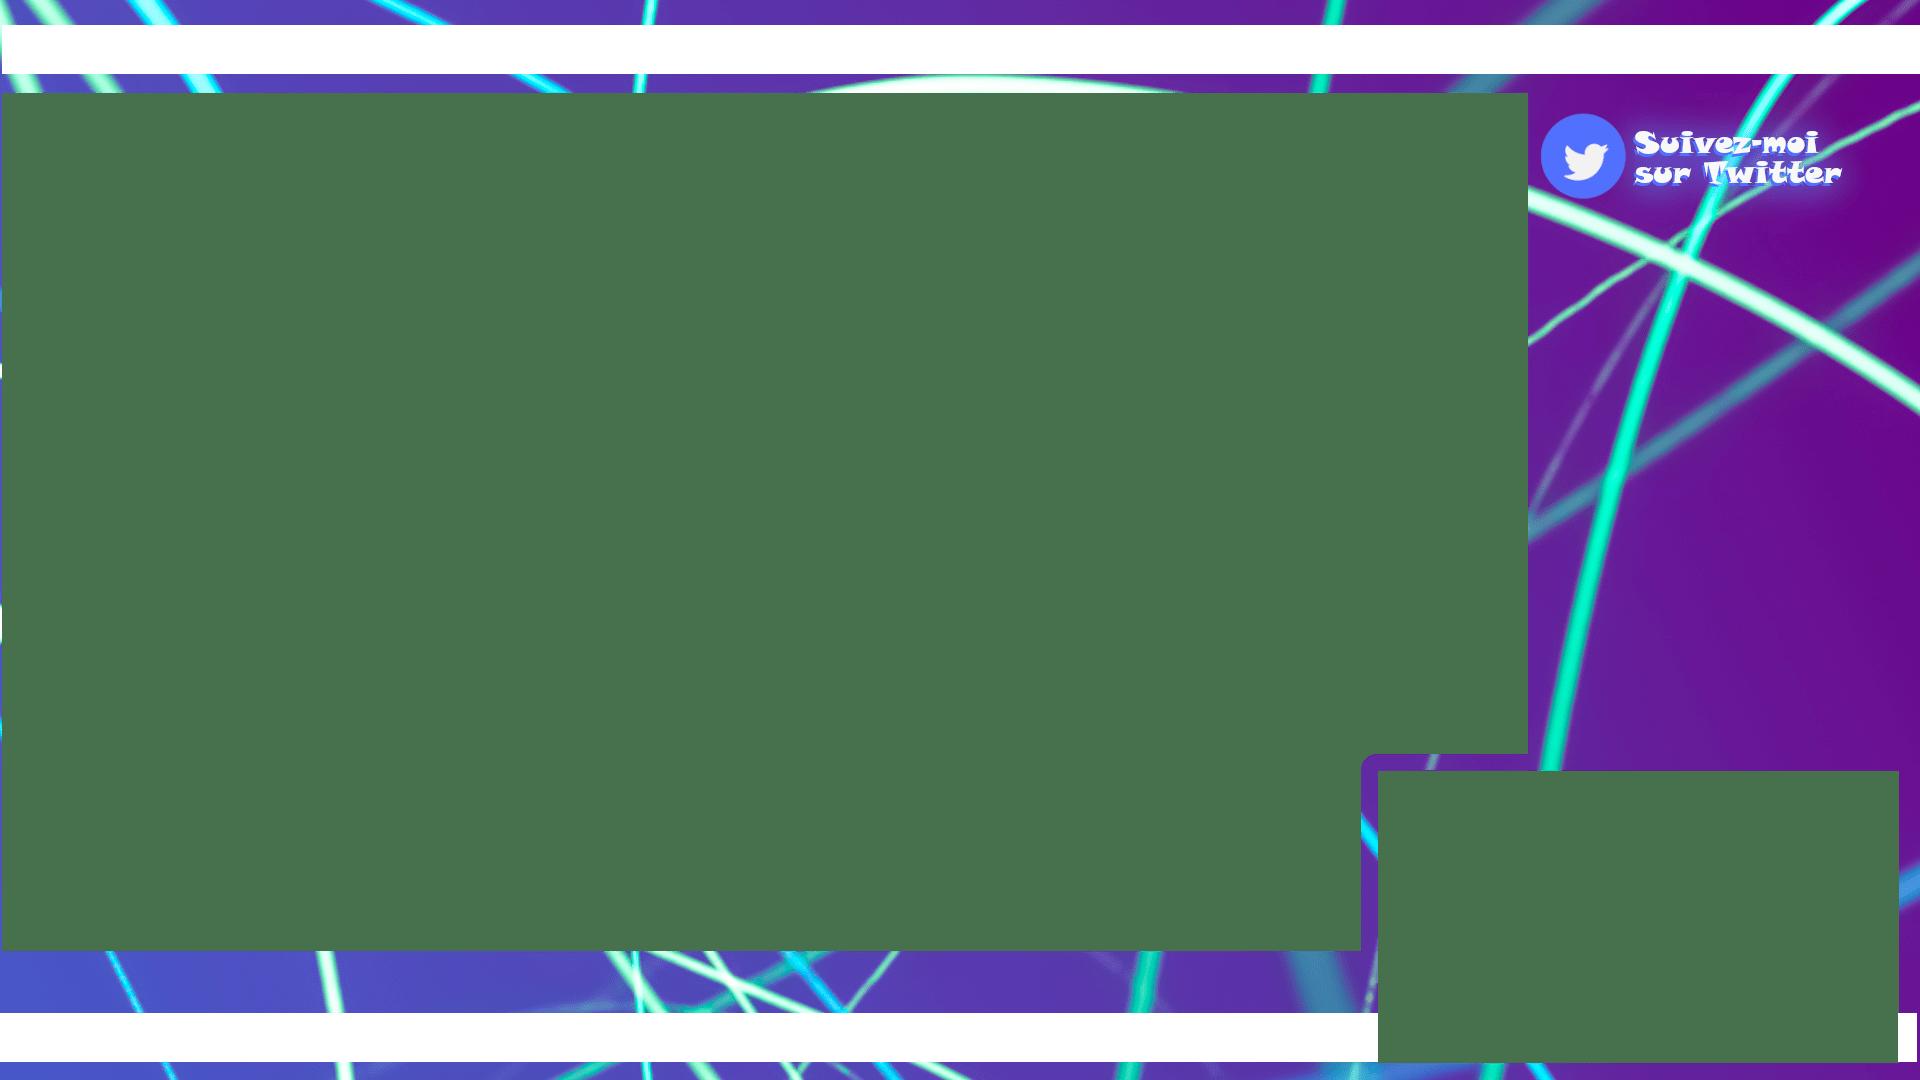 Un overlay pour Twitch avec des rayons de lumière bleue ciel sur un fond violet